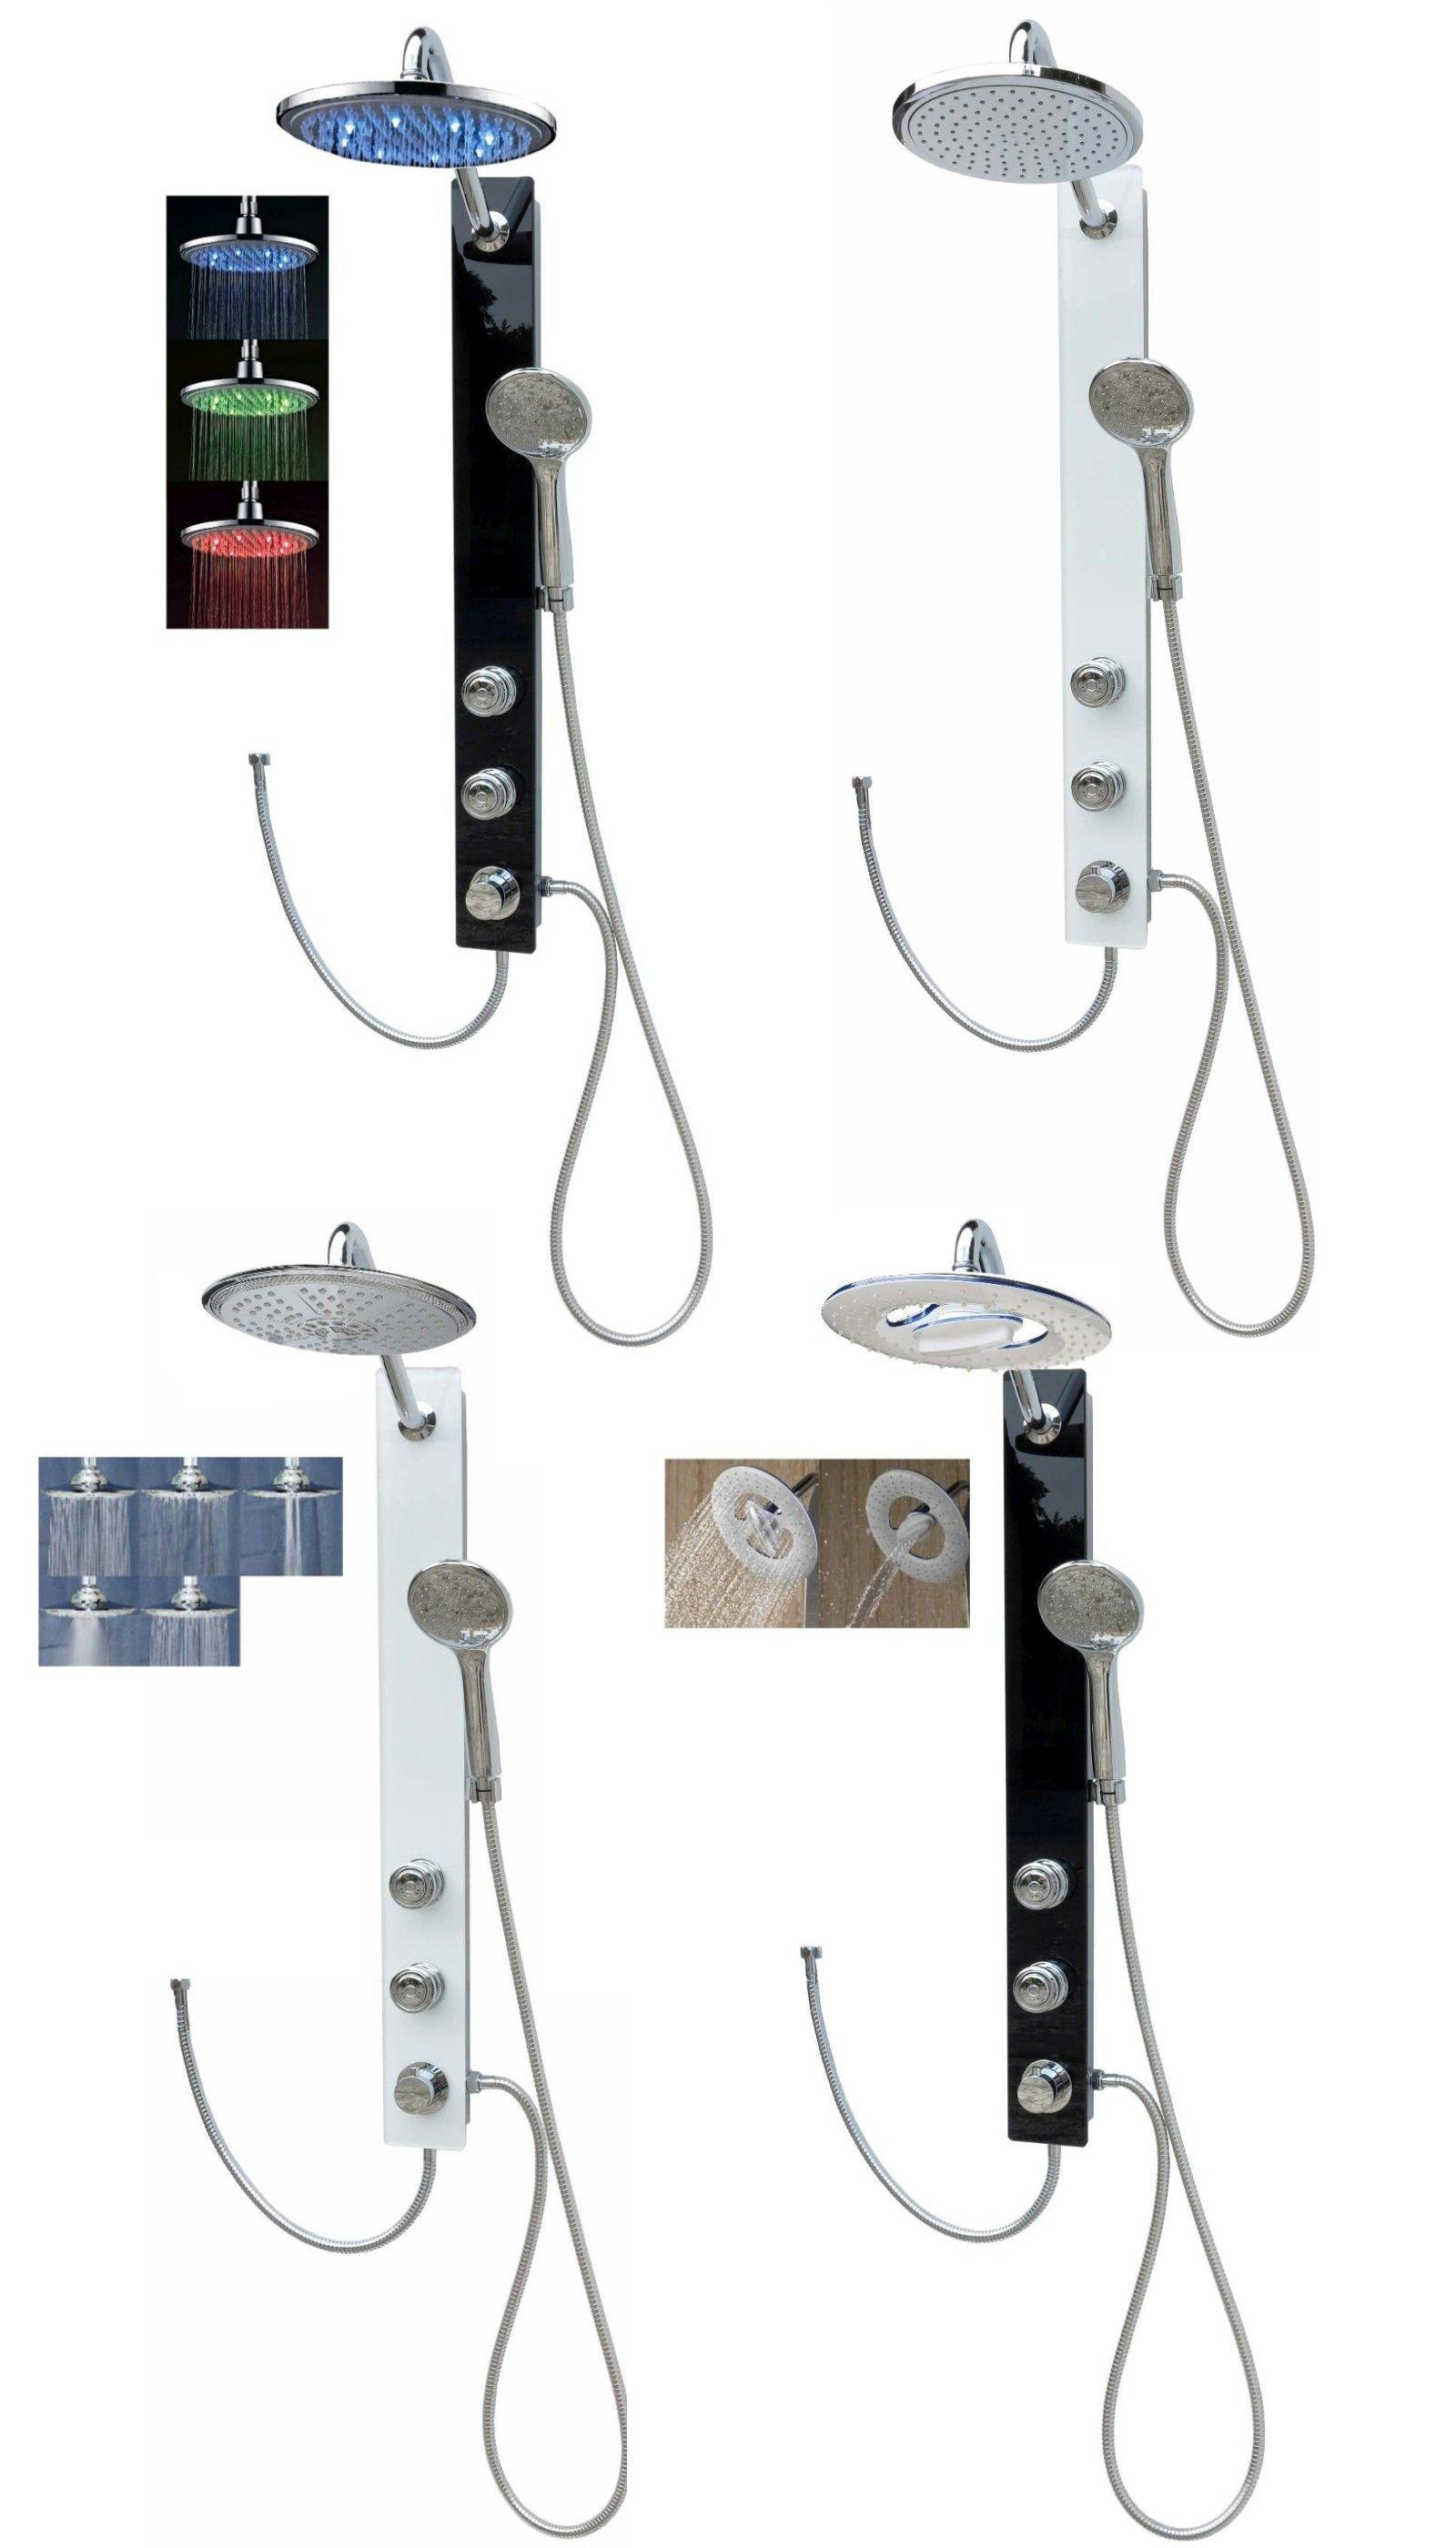 verre paroi de douche colonne panneau ensemble pluie. Black Bedroom Furniture Sets. Home Design Ideas